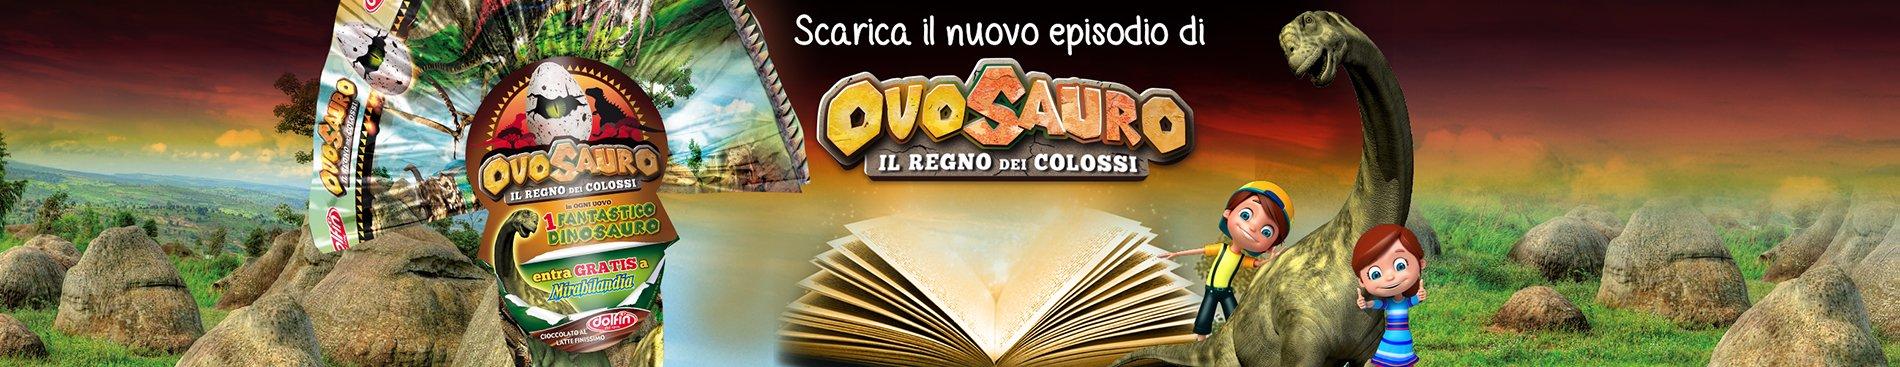 Scarica le storie di Ovosauro e il Regno dei Colossi